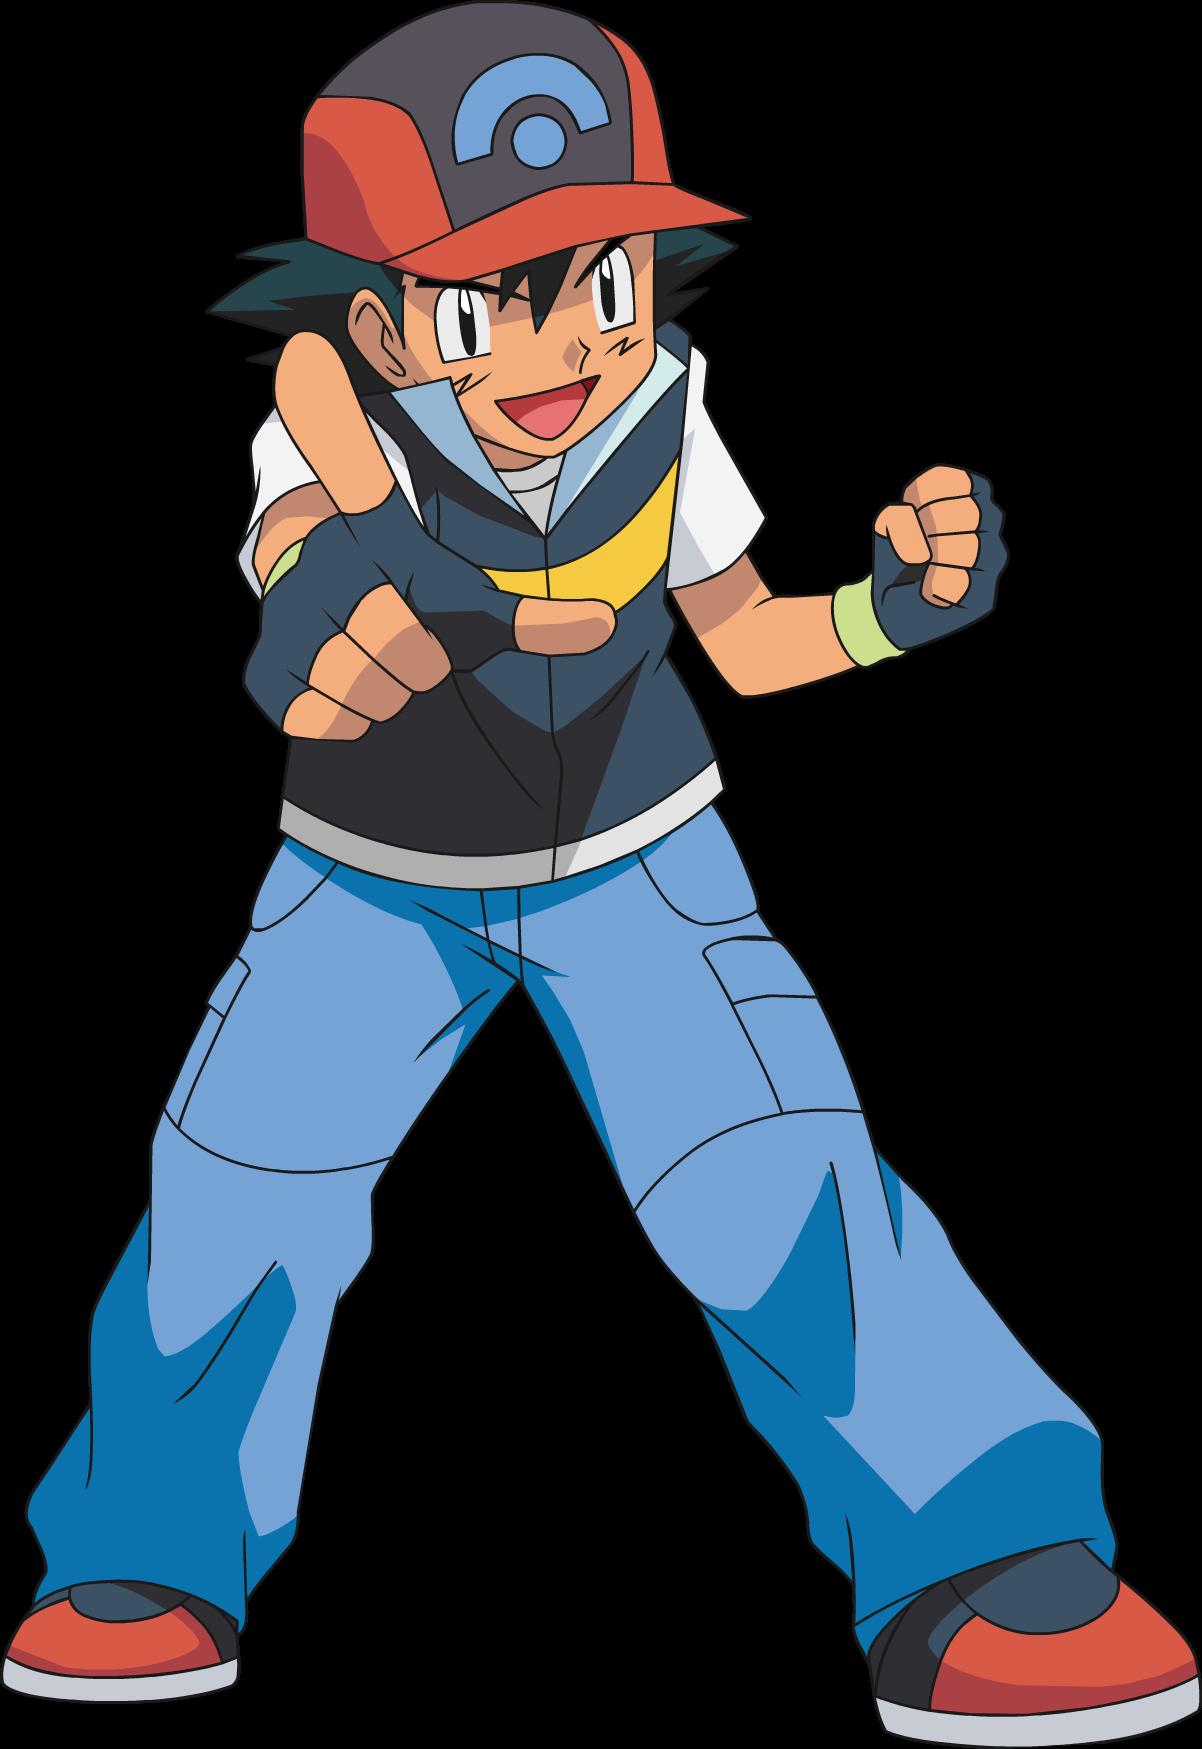 Ash Ketchum Bulbapedia The Community Driven Pokemon Encyclopedia Ash Pokemon Pokemon Pokemon Characters